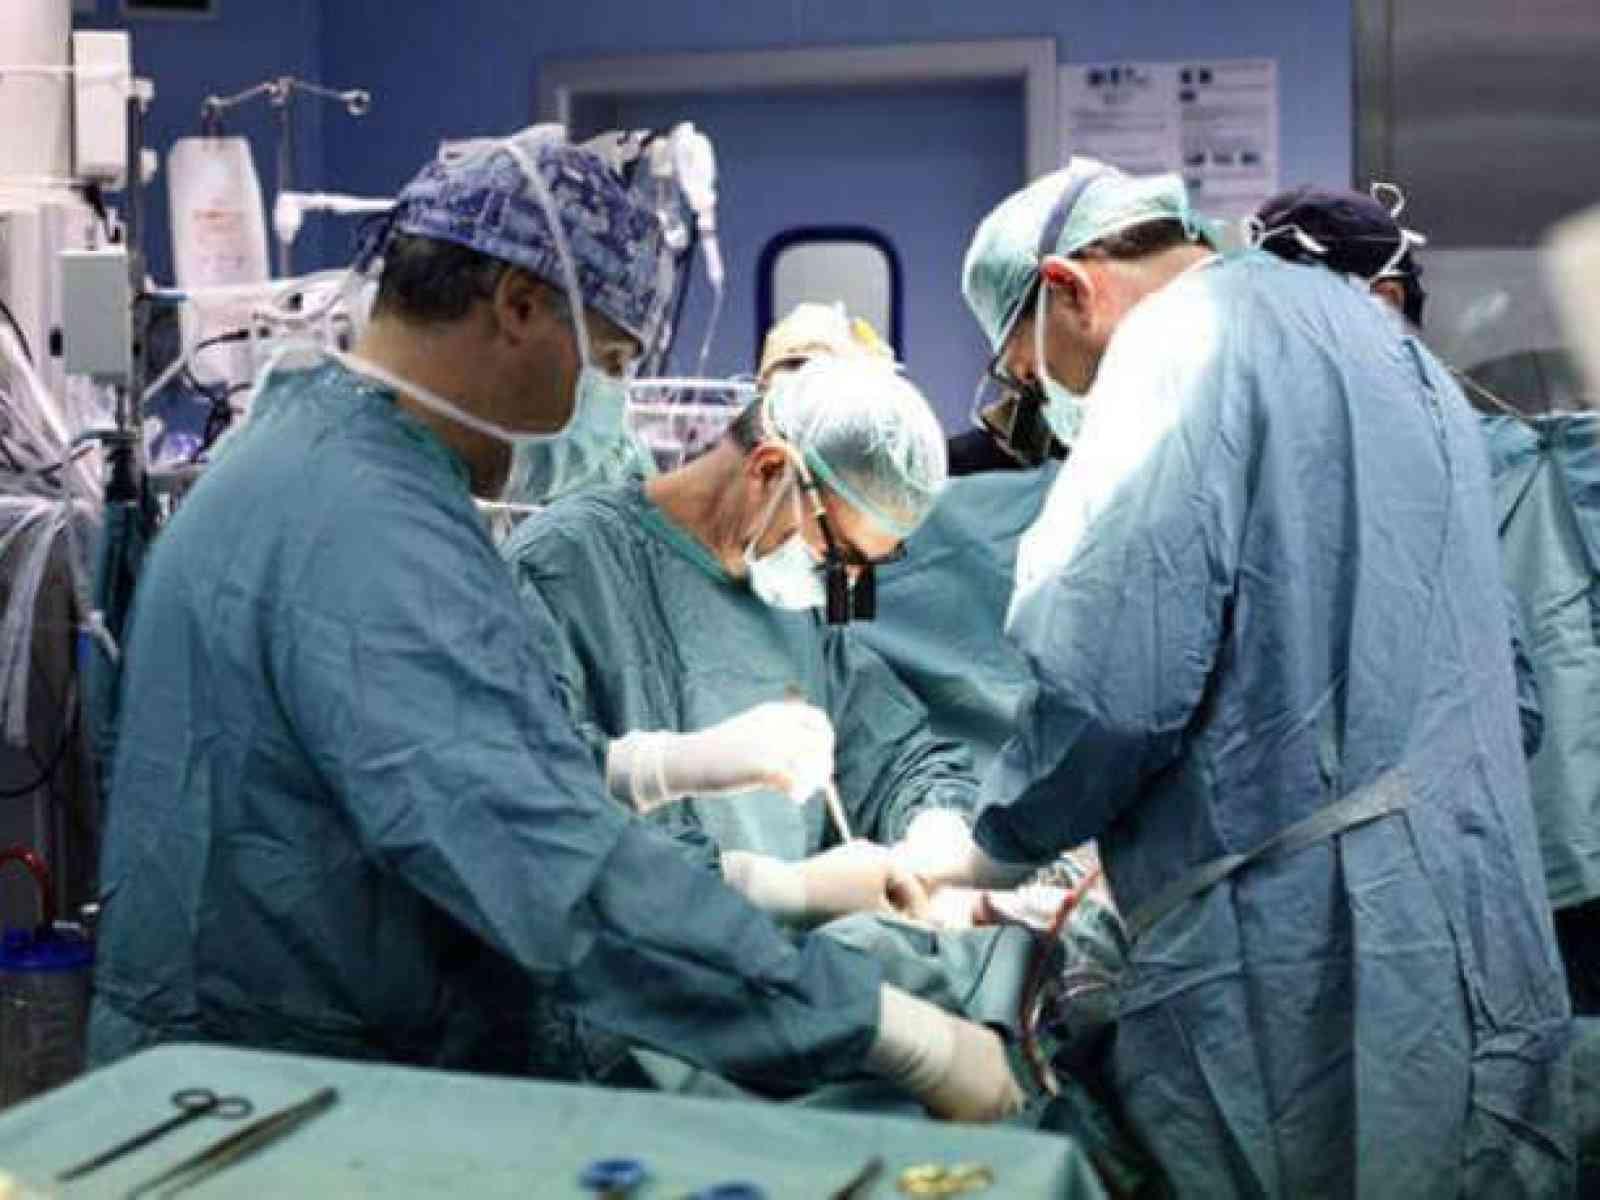 Immagine articolo: Arrivano quattro nuovi primari negli ospedali trapanesi. Ecco di chi si tratta